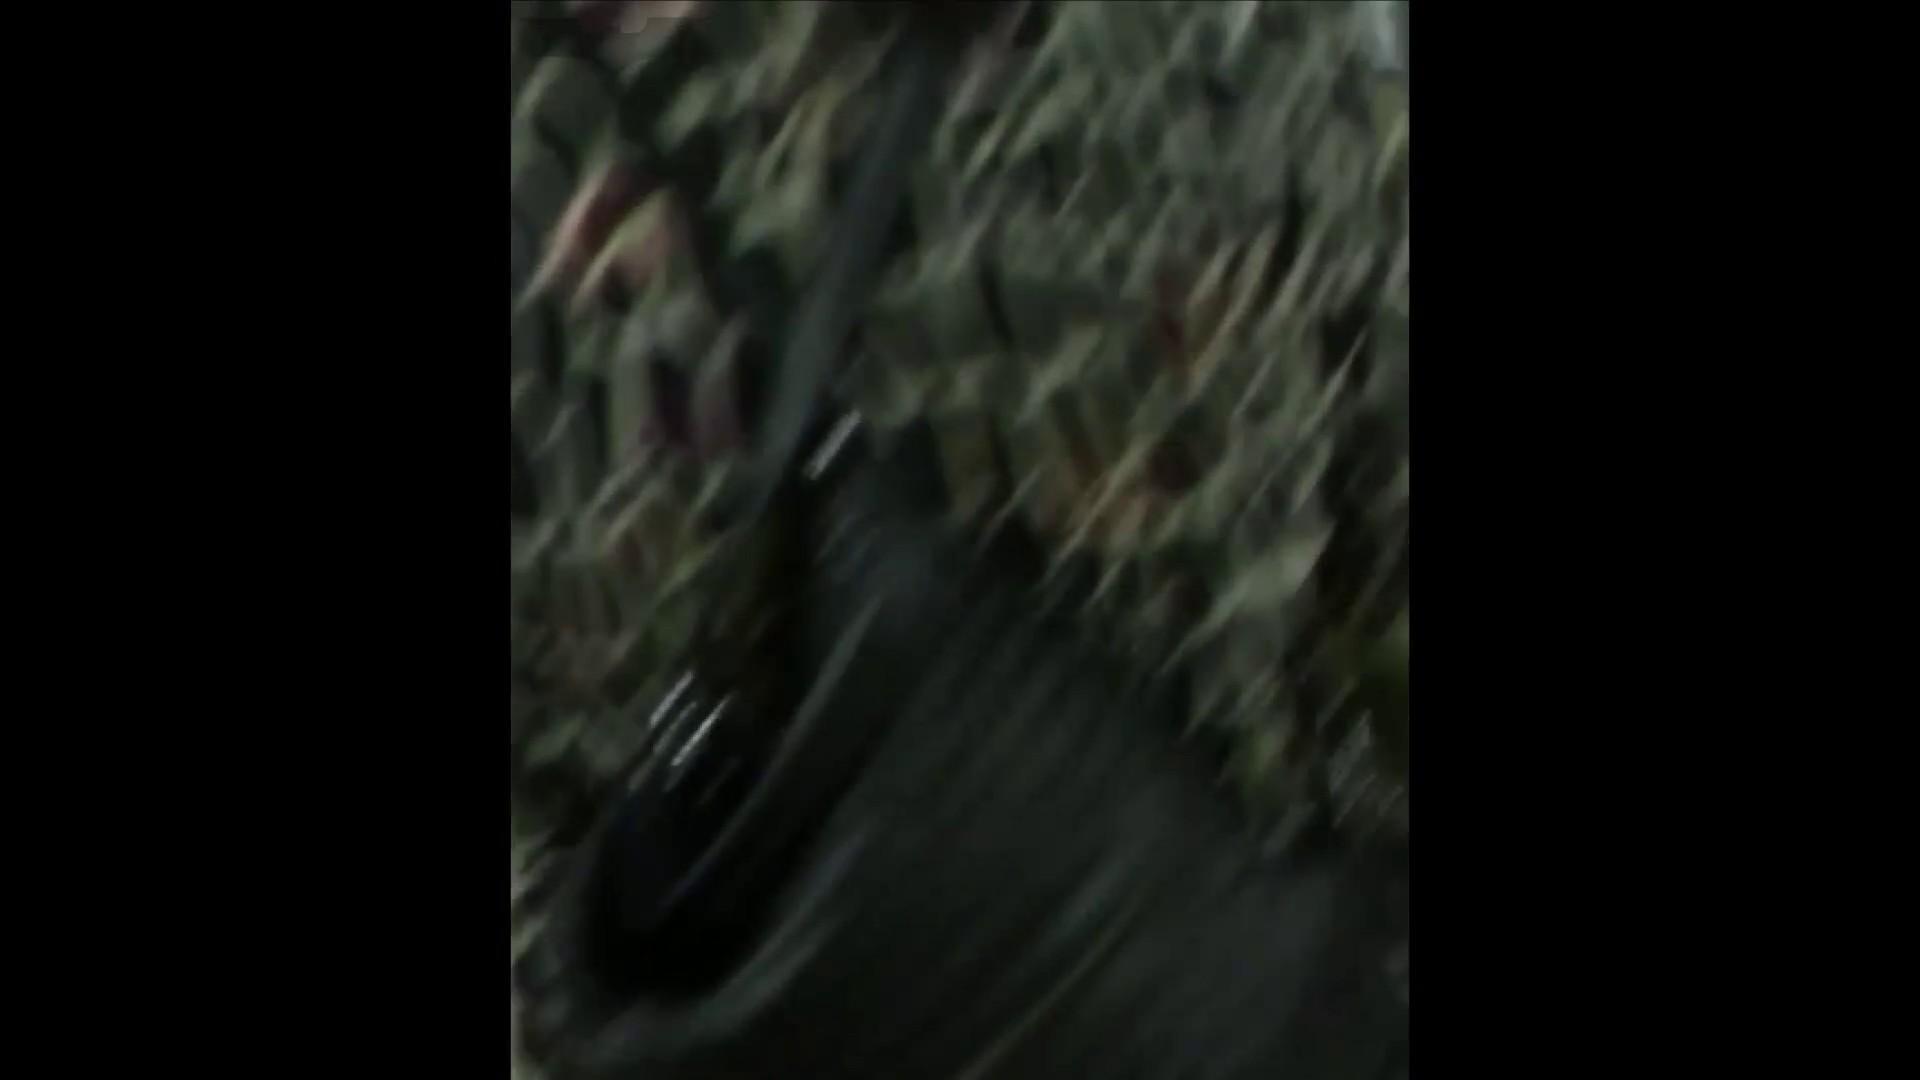 盗撮列車 Vol.14 お嬢様のバックプリントパンツ パンツ | 盗撮エロすぎ  99連発 22